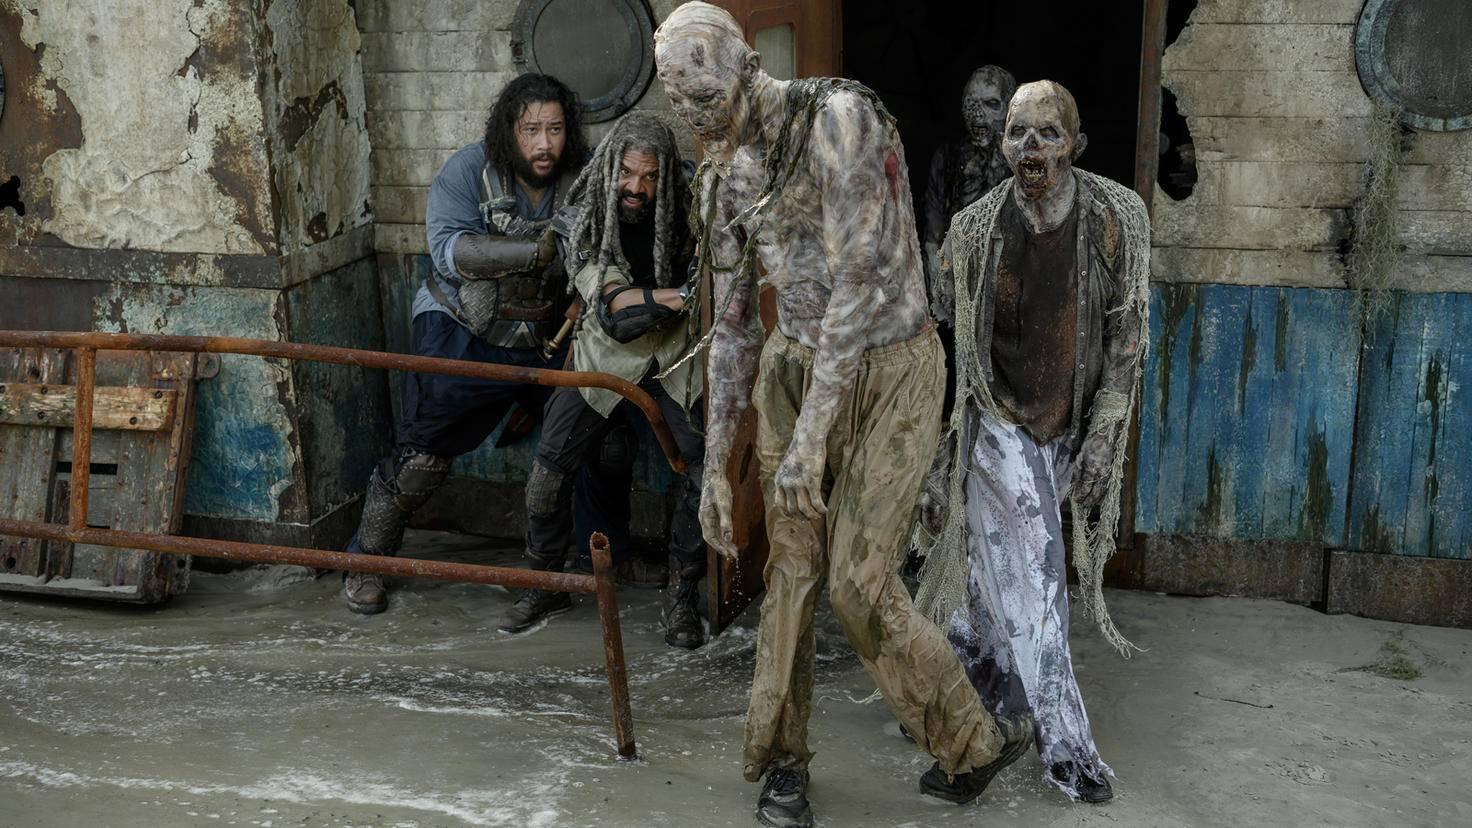 The Walking Dead-S10E01-Ezekiel-Jerry-Beißer-Gene Page-AMC